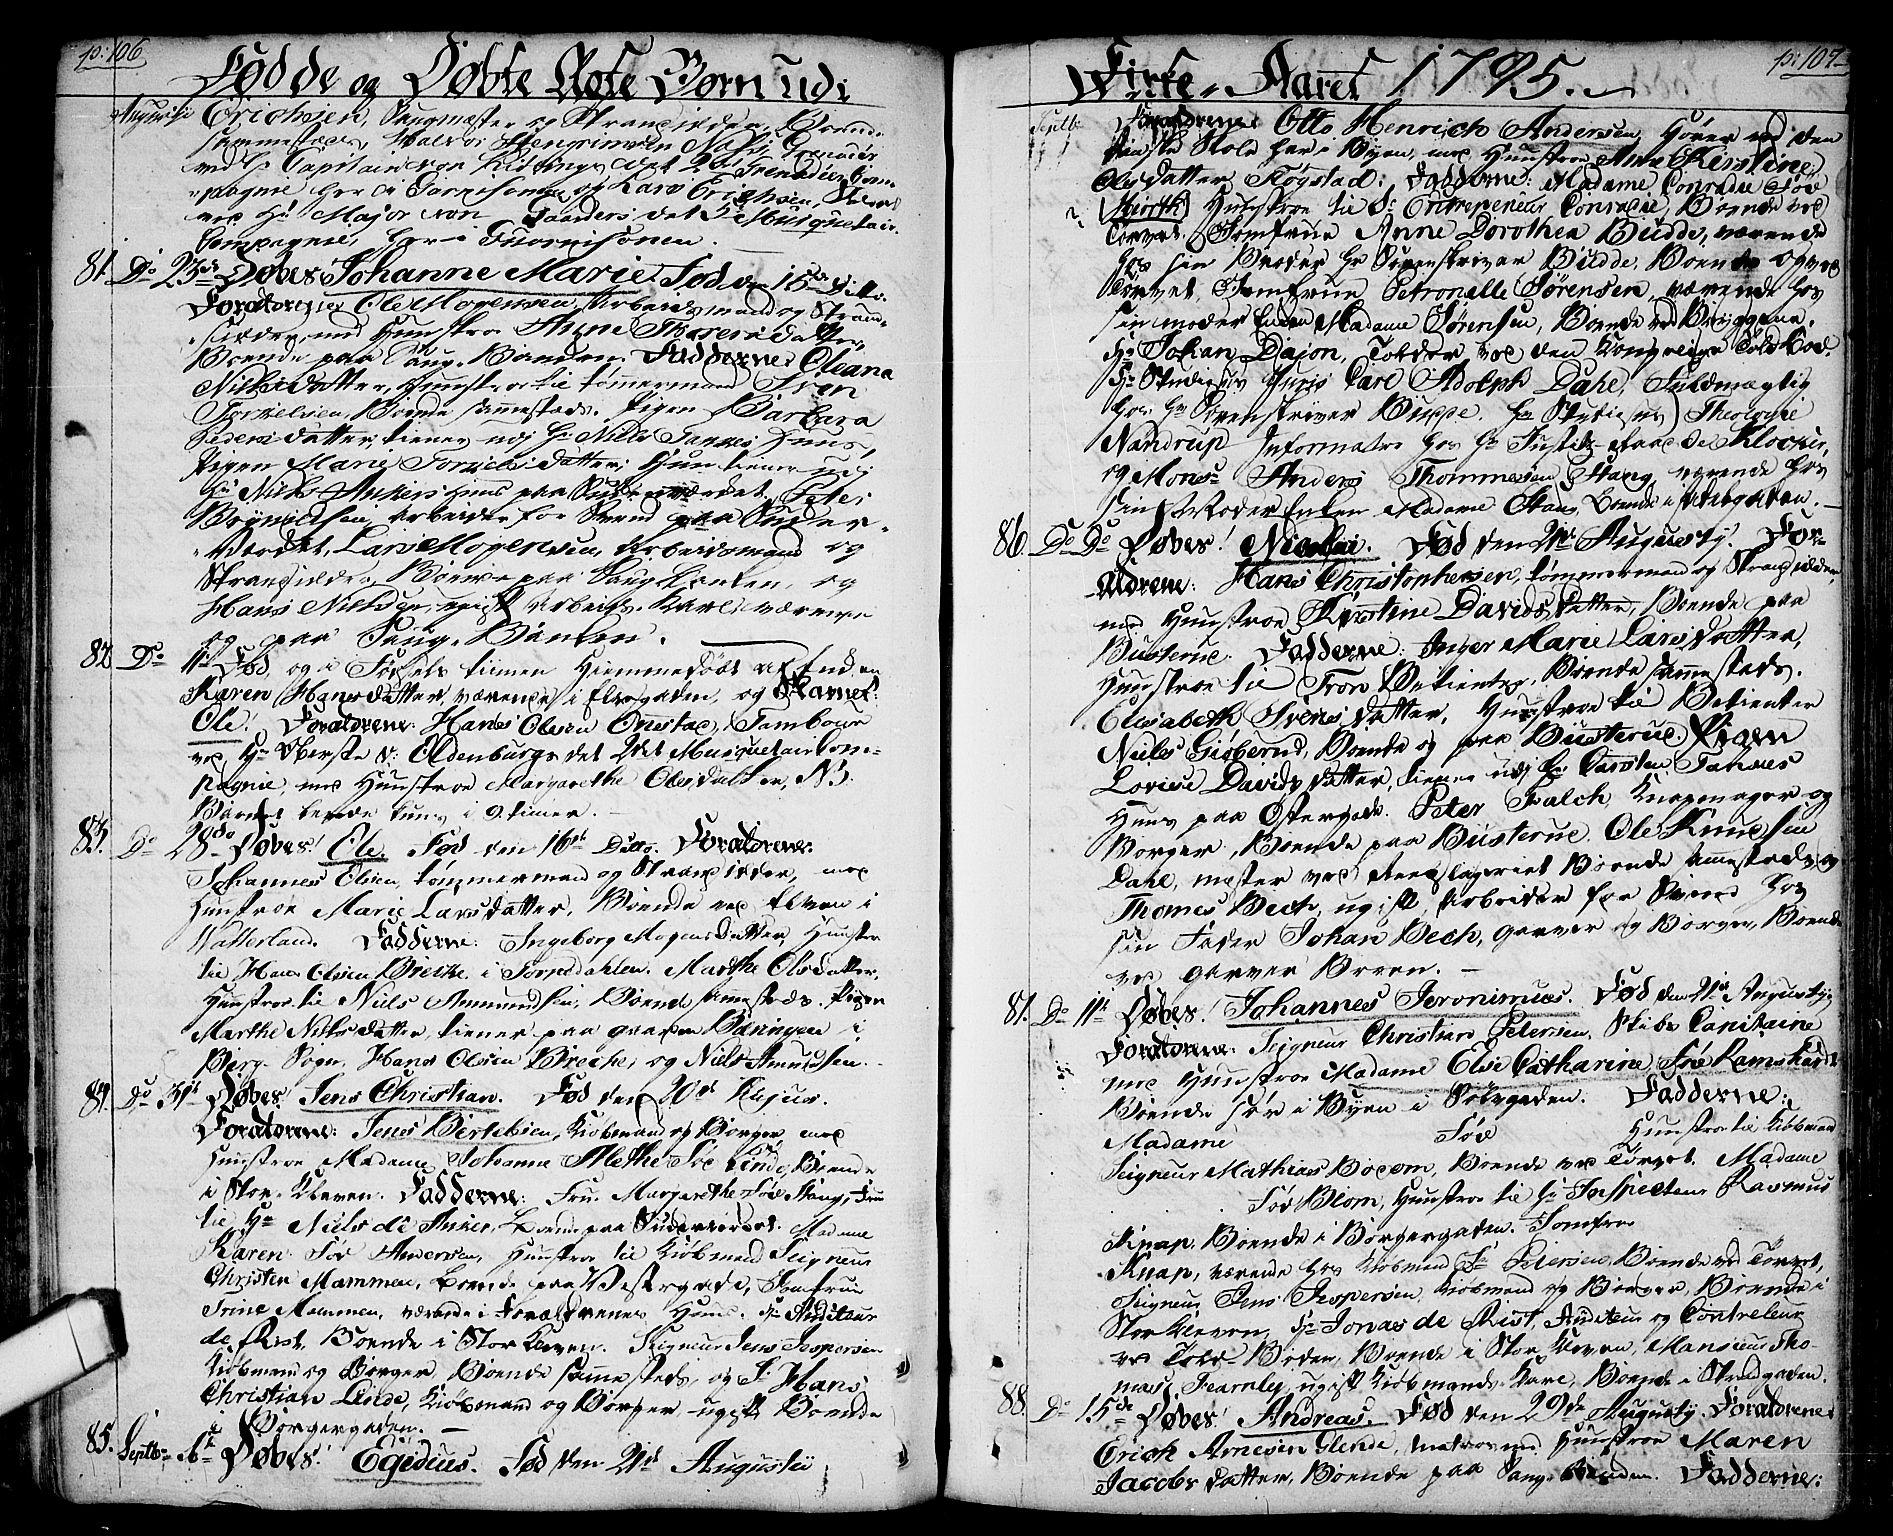 SAO, Halden prestekontor Kirkebøker, F/Fa/L0002: Ministerialbok nr. I 2, 1792-1812, s. 106-107